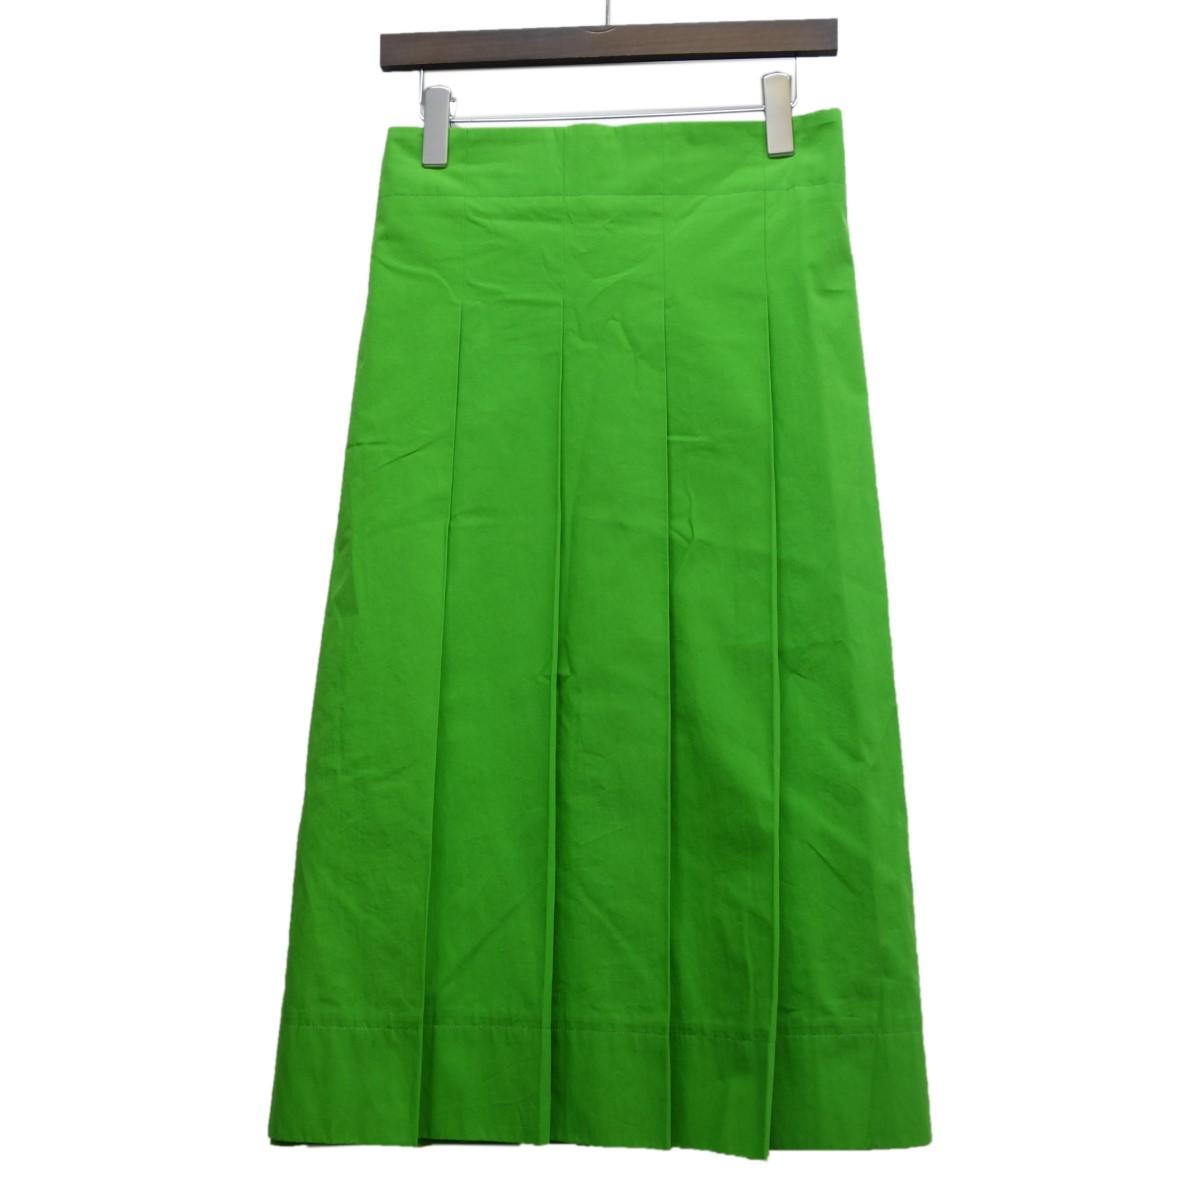 【中古】DRAWER ラップデザインプリーツスカート ライトグリーン サイズ:36 【280420】(ドゥロワー)